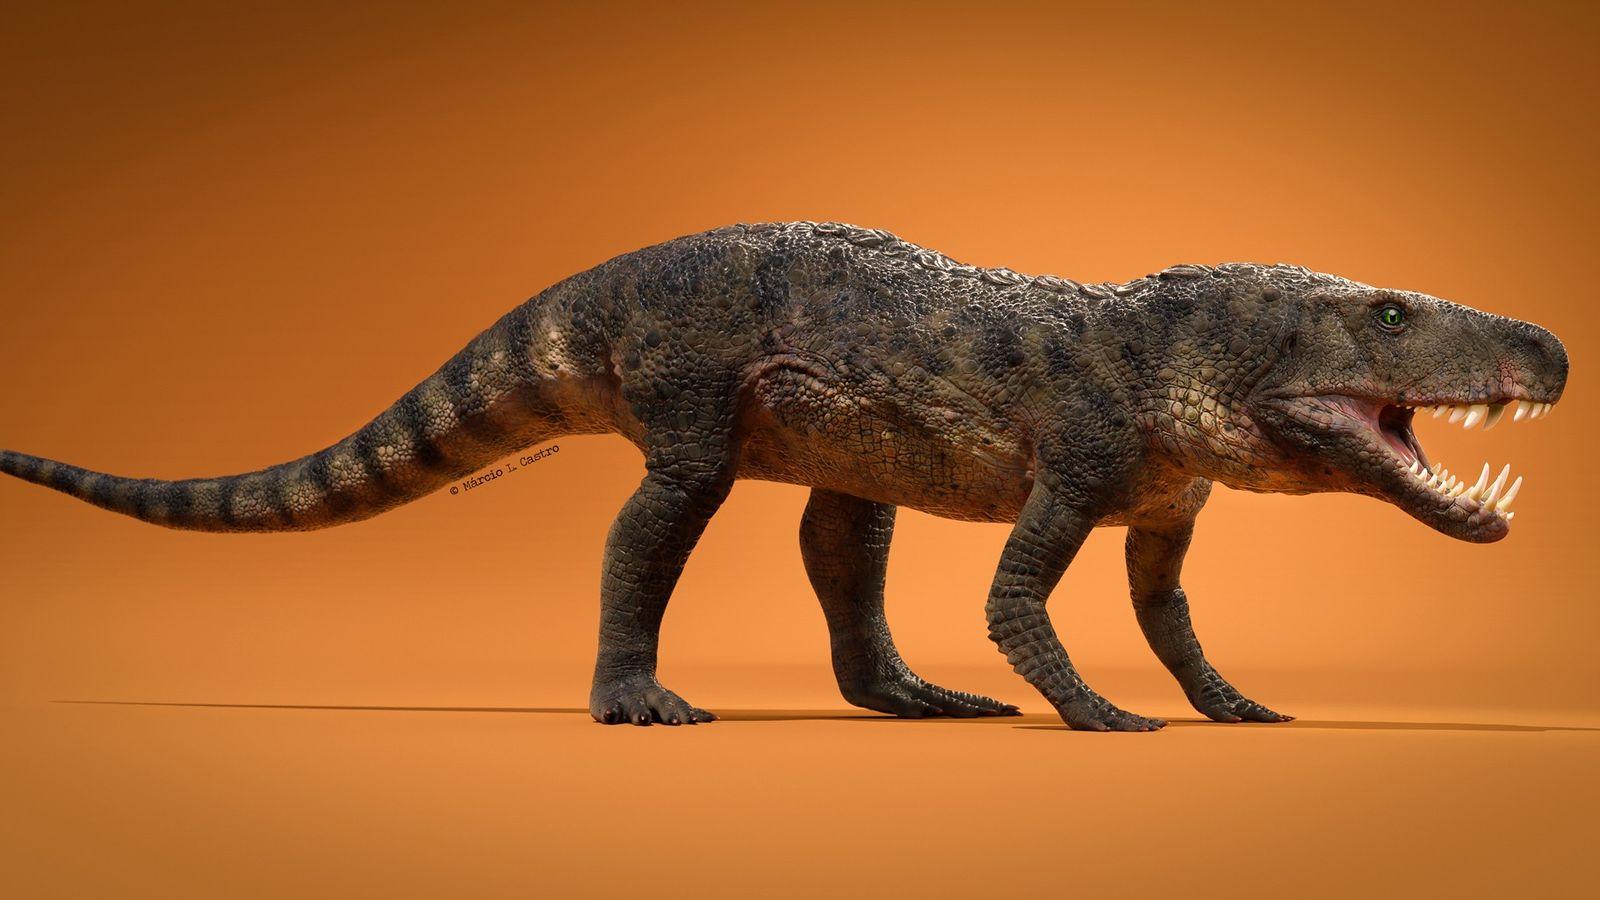 Cette espèce de reptile préhistorique récemment découverte et baptisée Dynamosuchus collisensi aurait vécu il y a ...